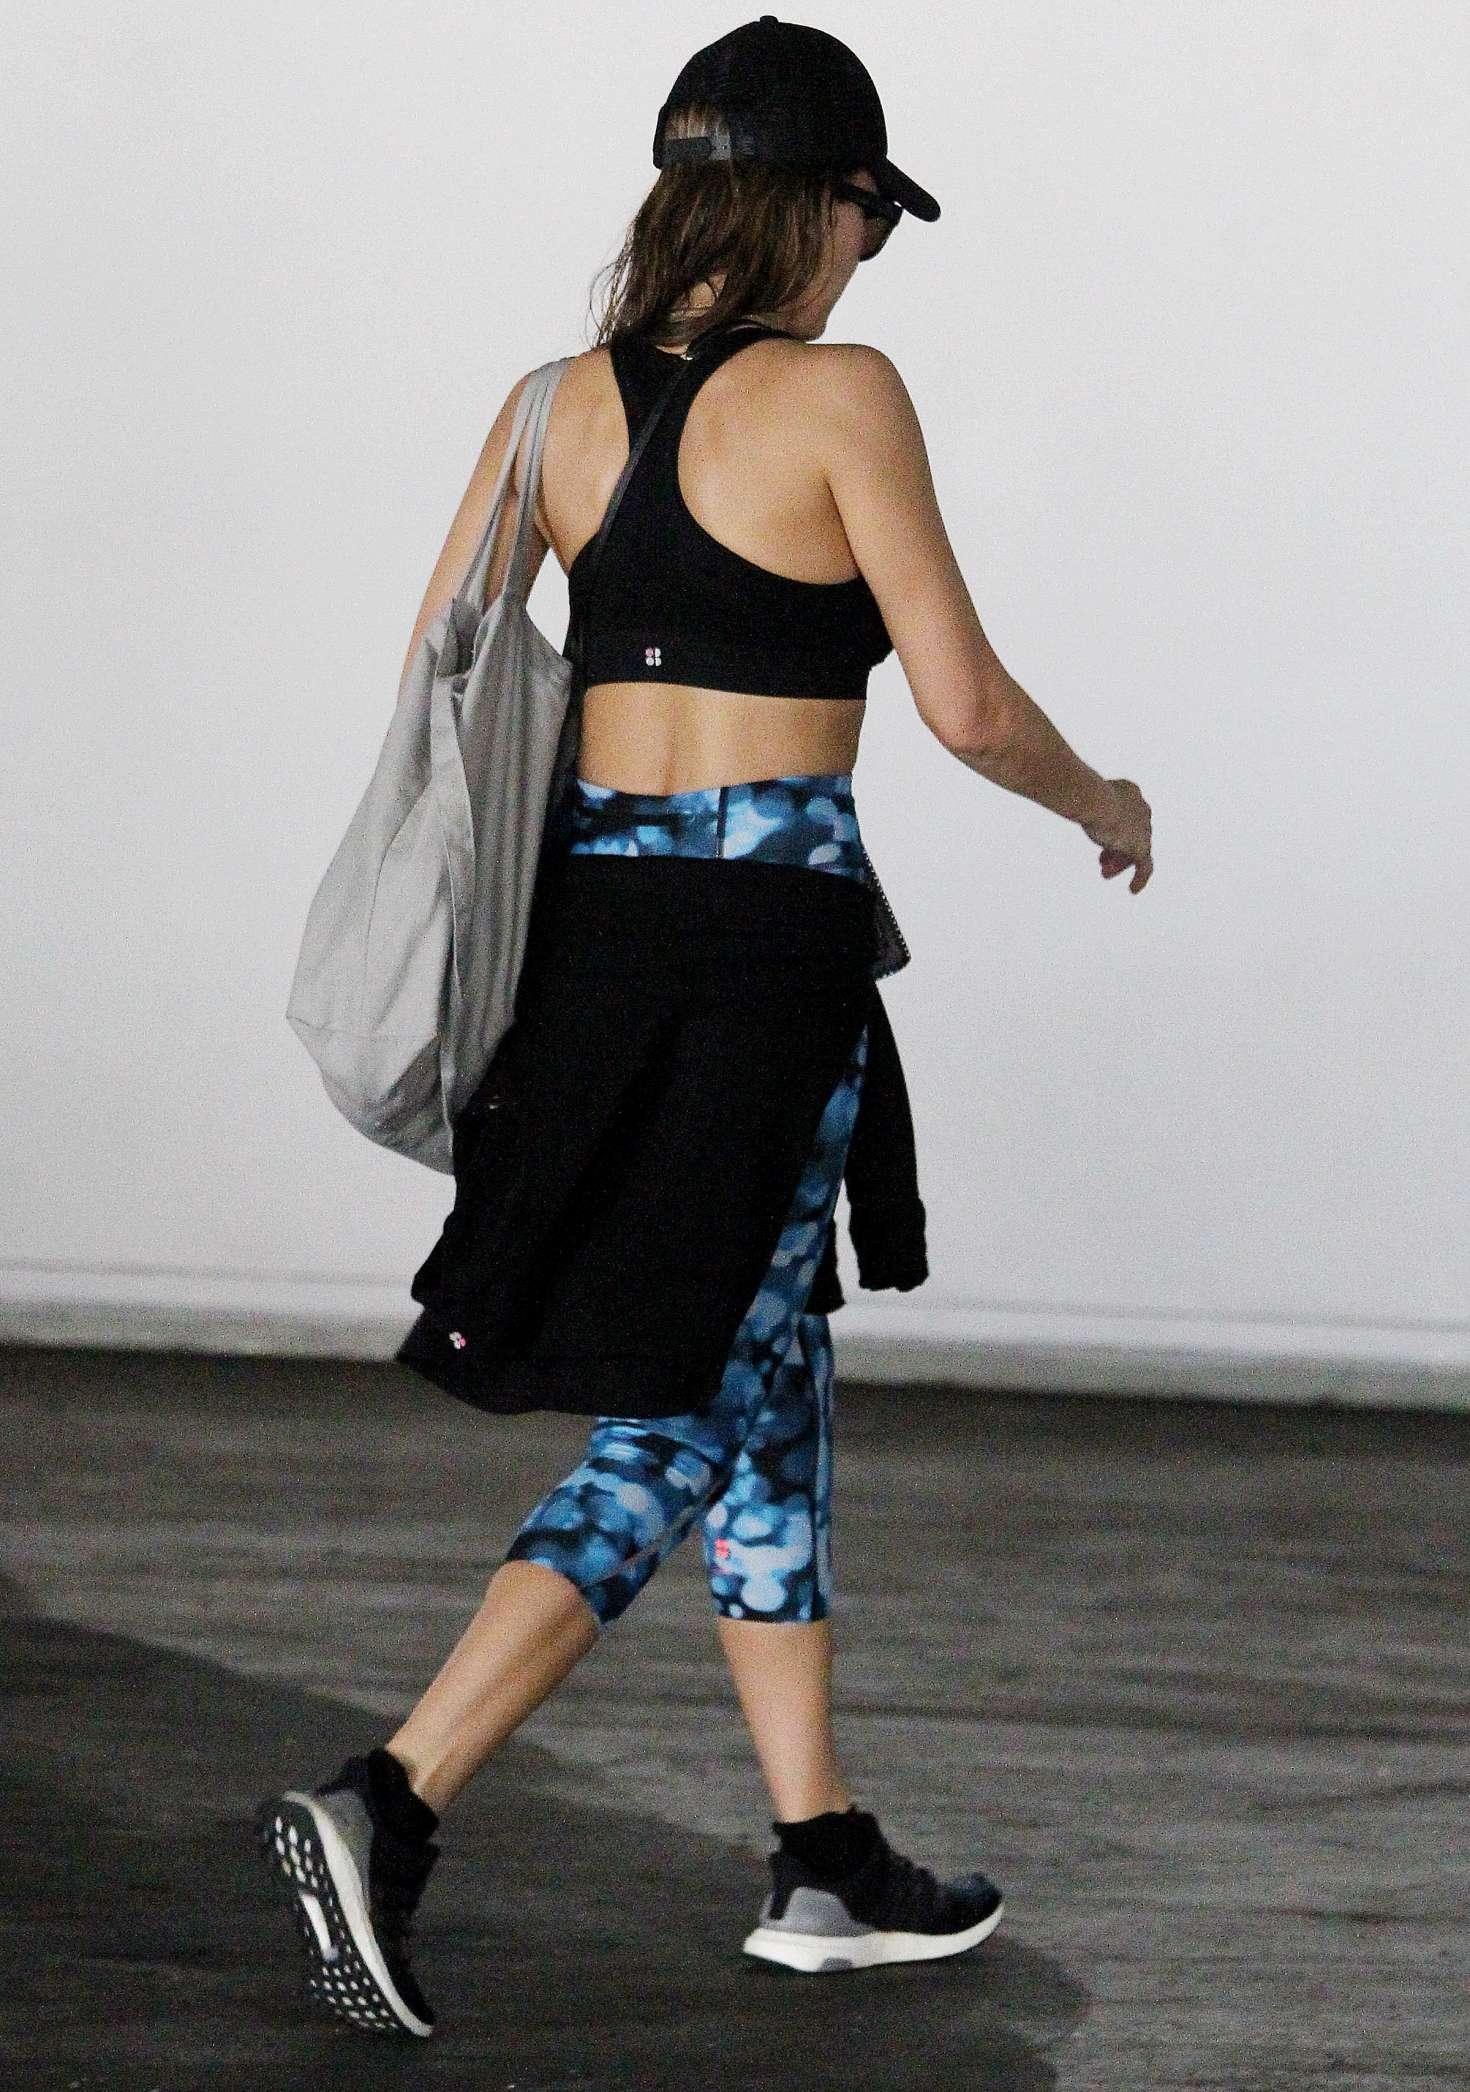 Jessica-Alba-in-Tights-and-Sports-Bra--0